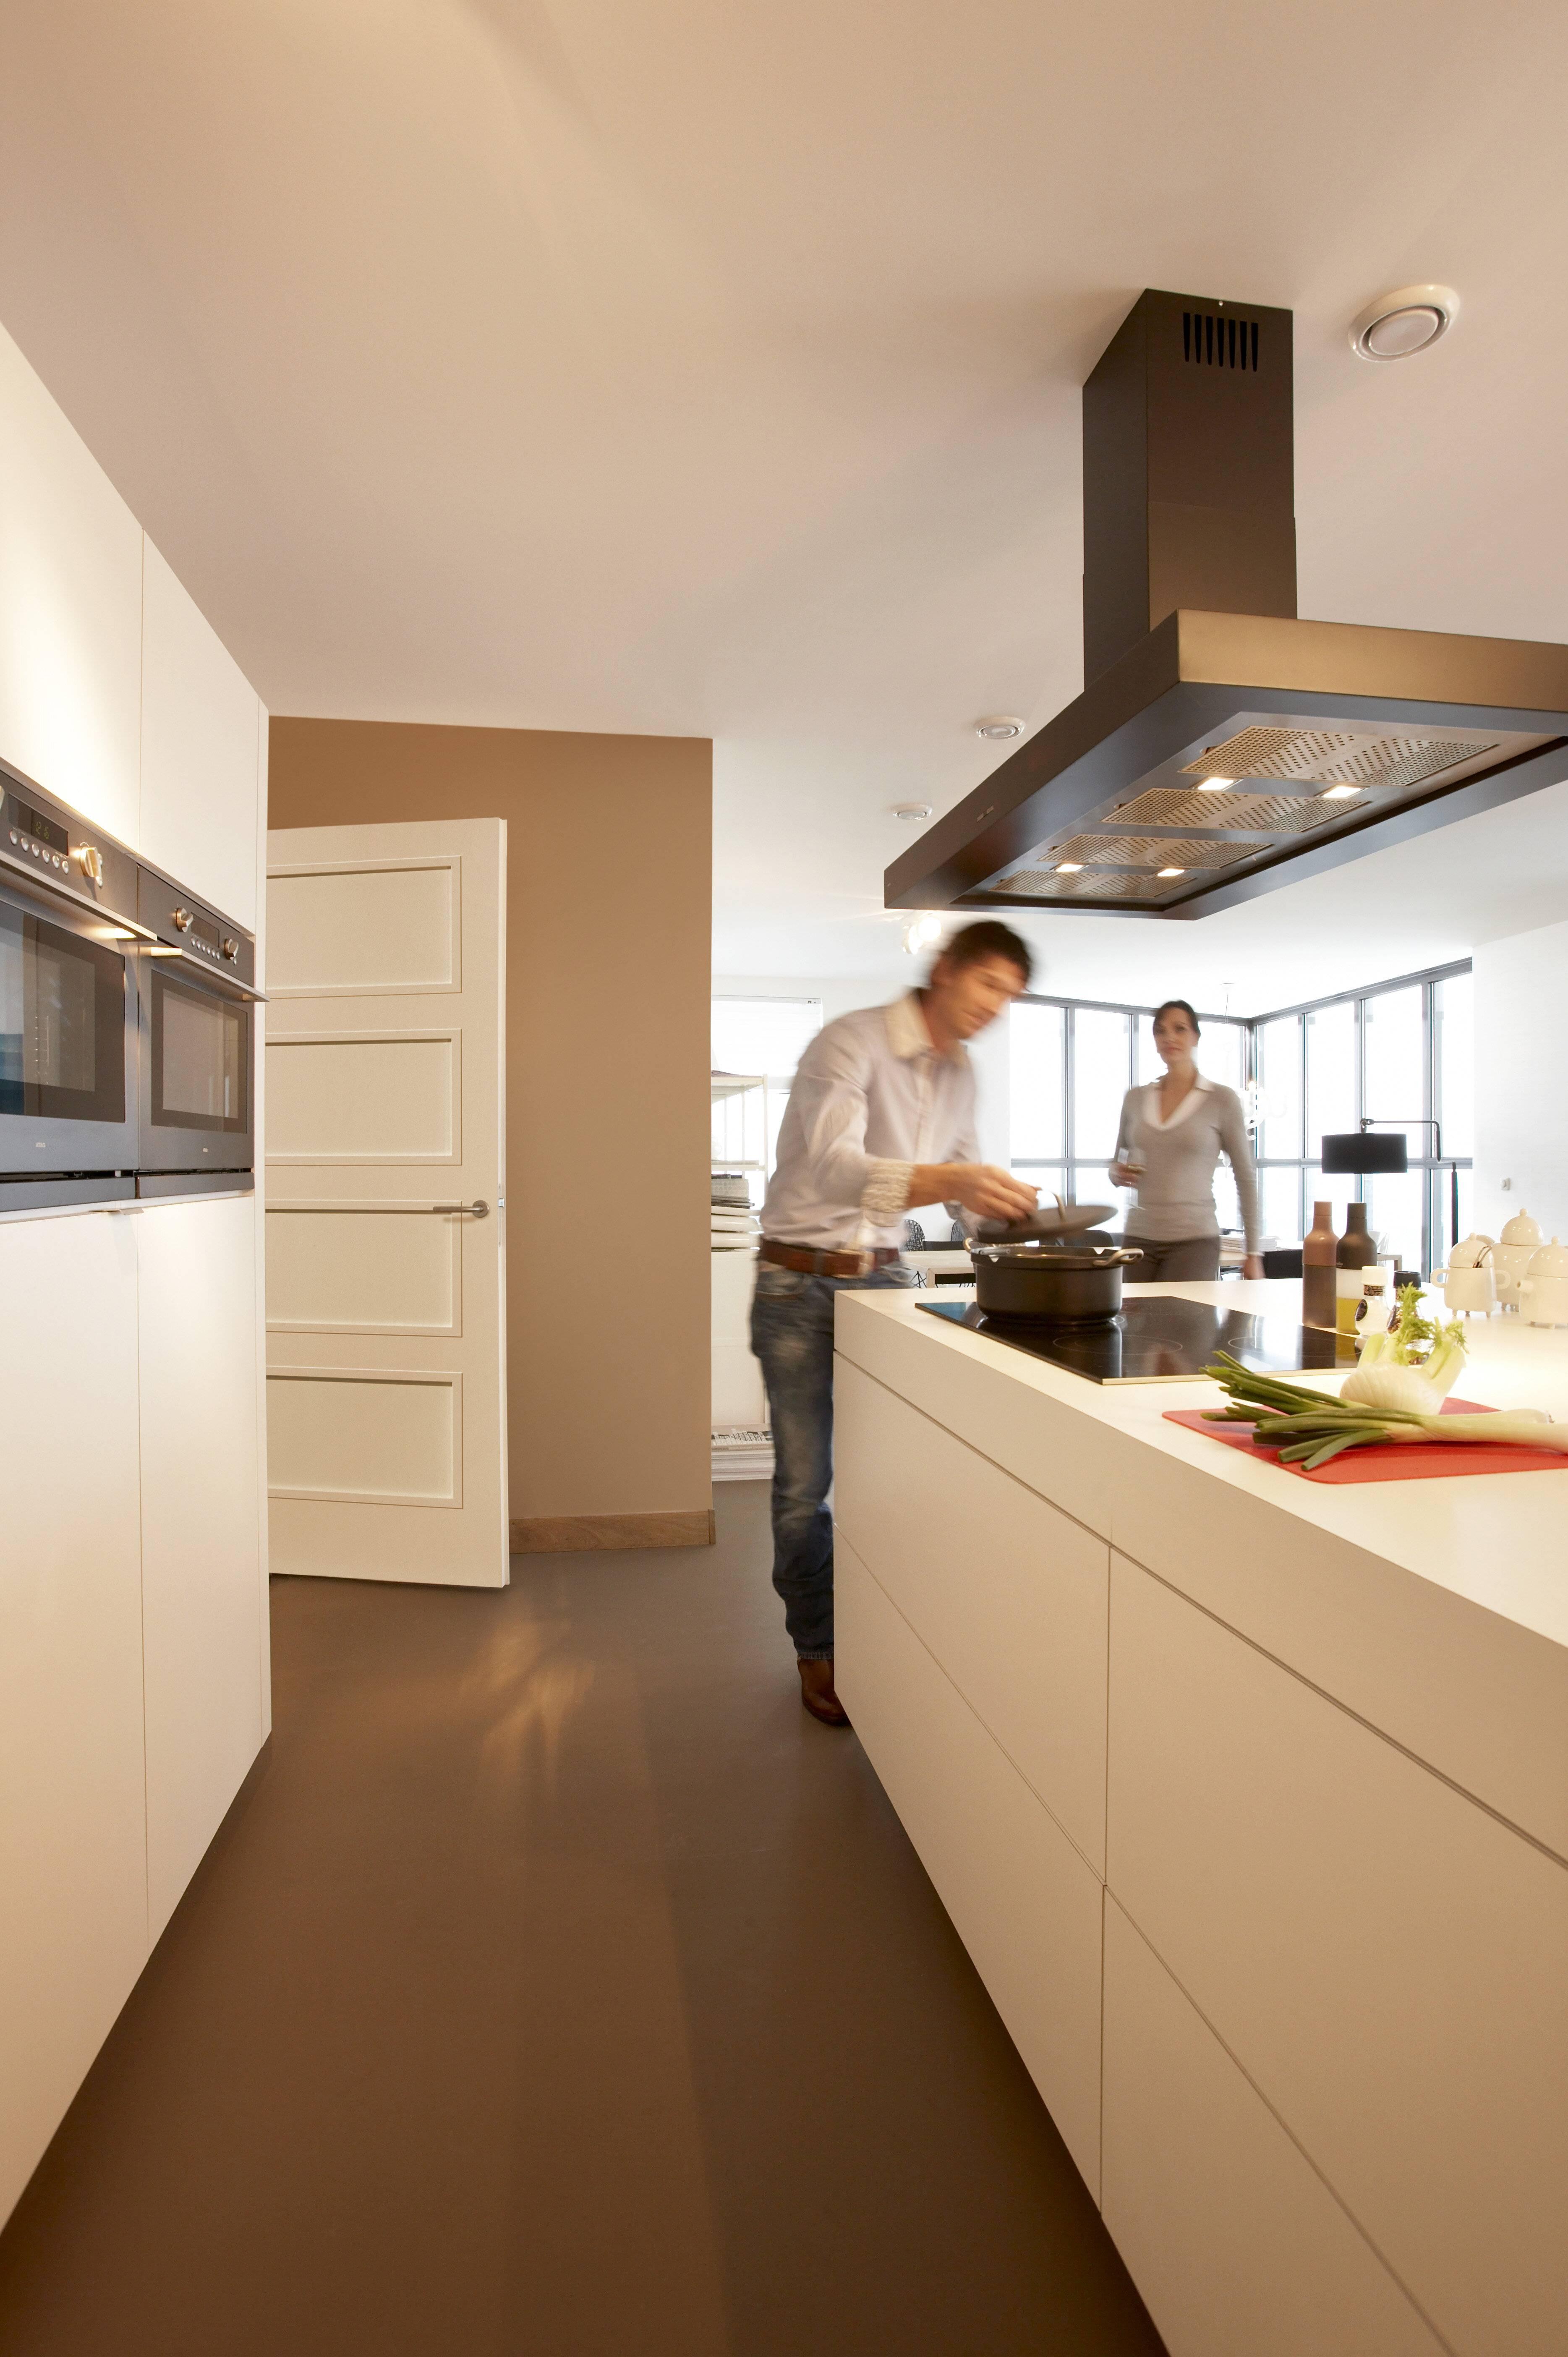 Keuken met kokende mensen